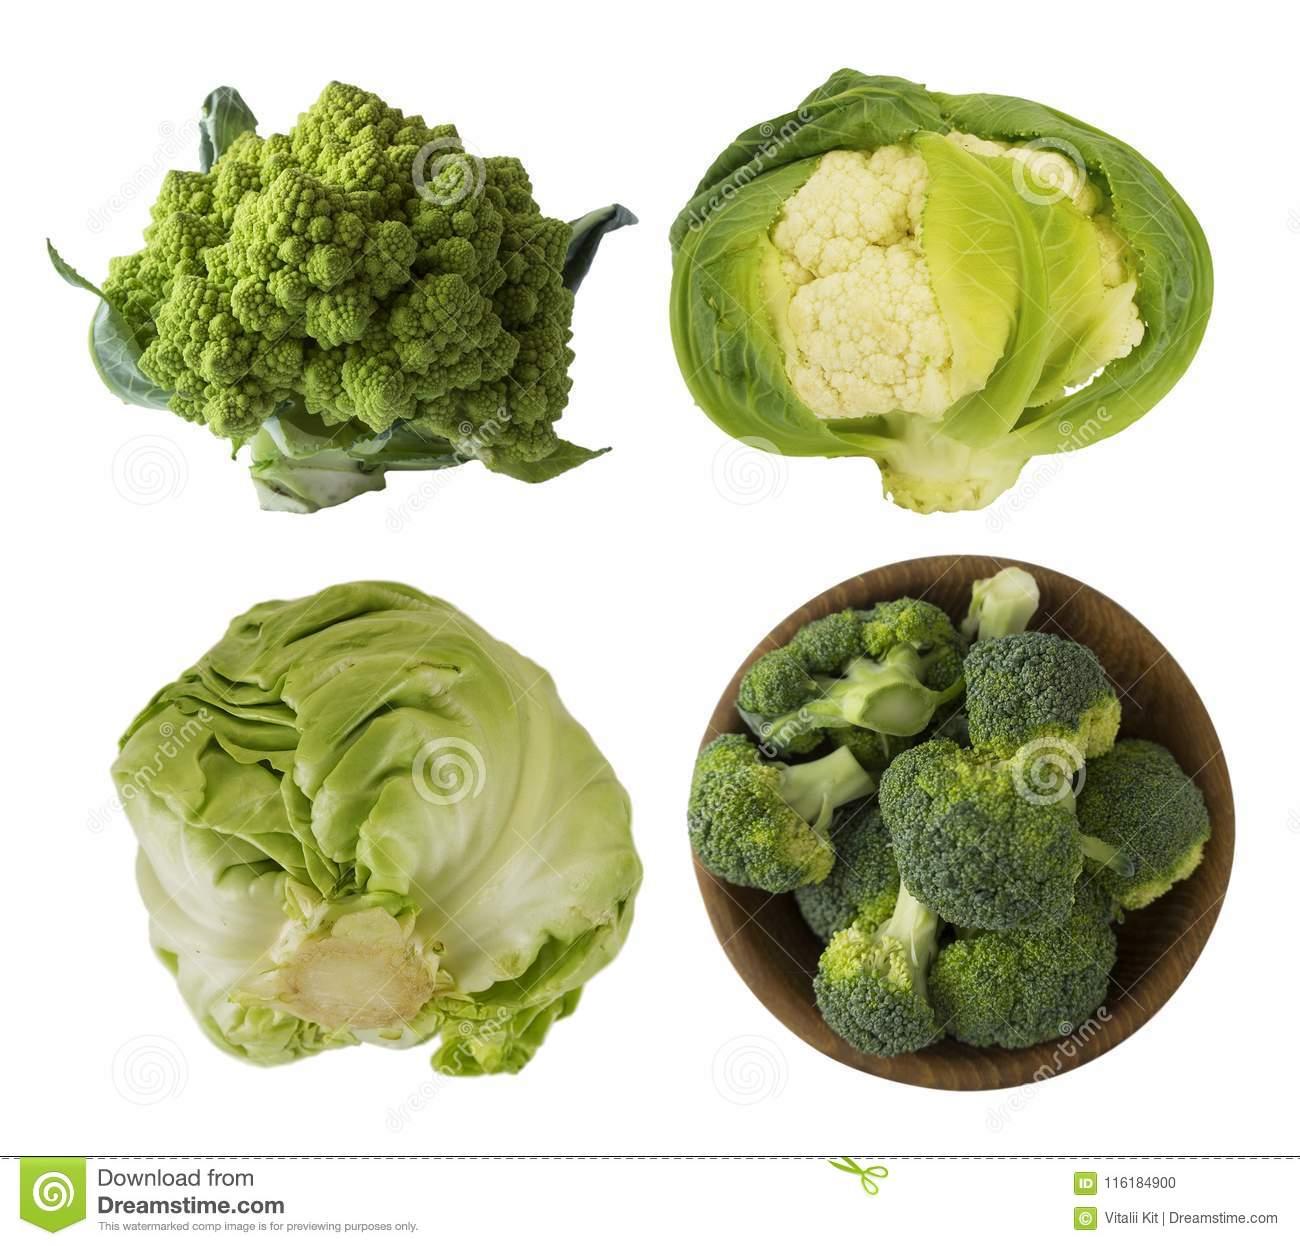 Основные виды капусты: фото и названия разновидностей, особенности выращивания